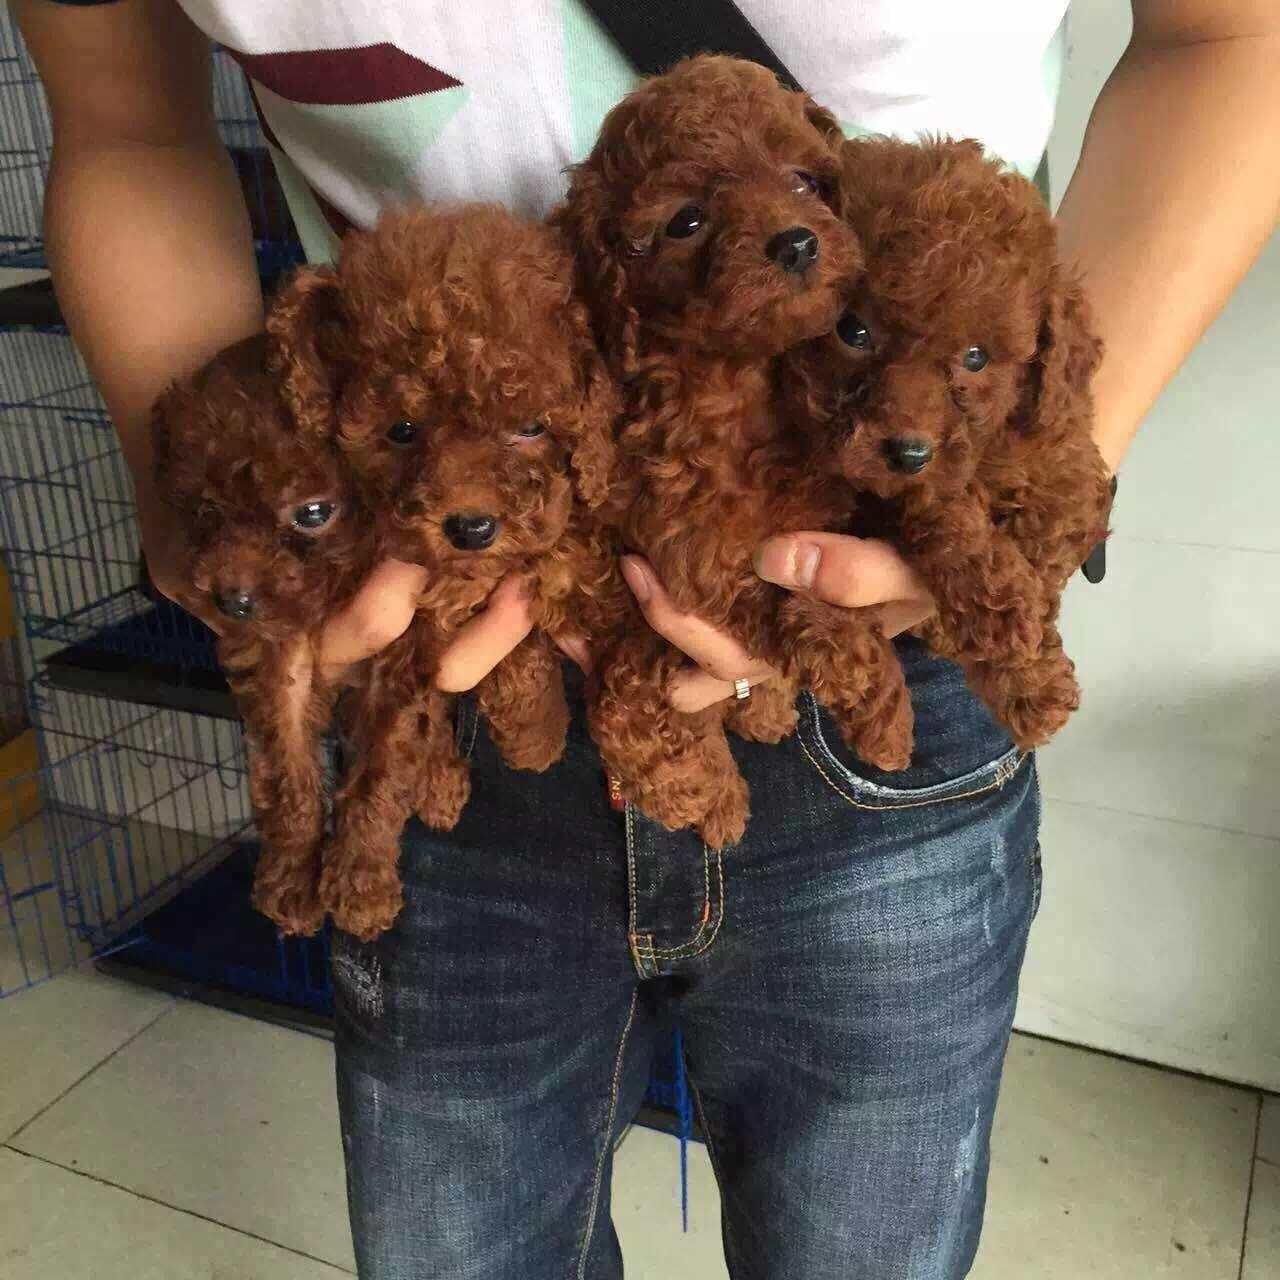 成都专业繁殖纯种泰迪幼犬可送货上门签协议保健康9